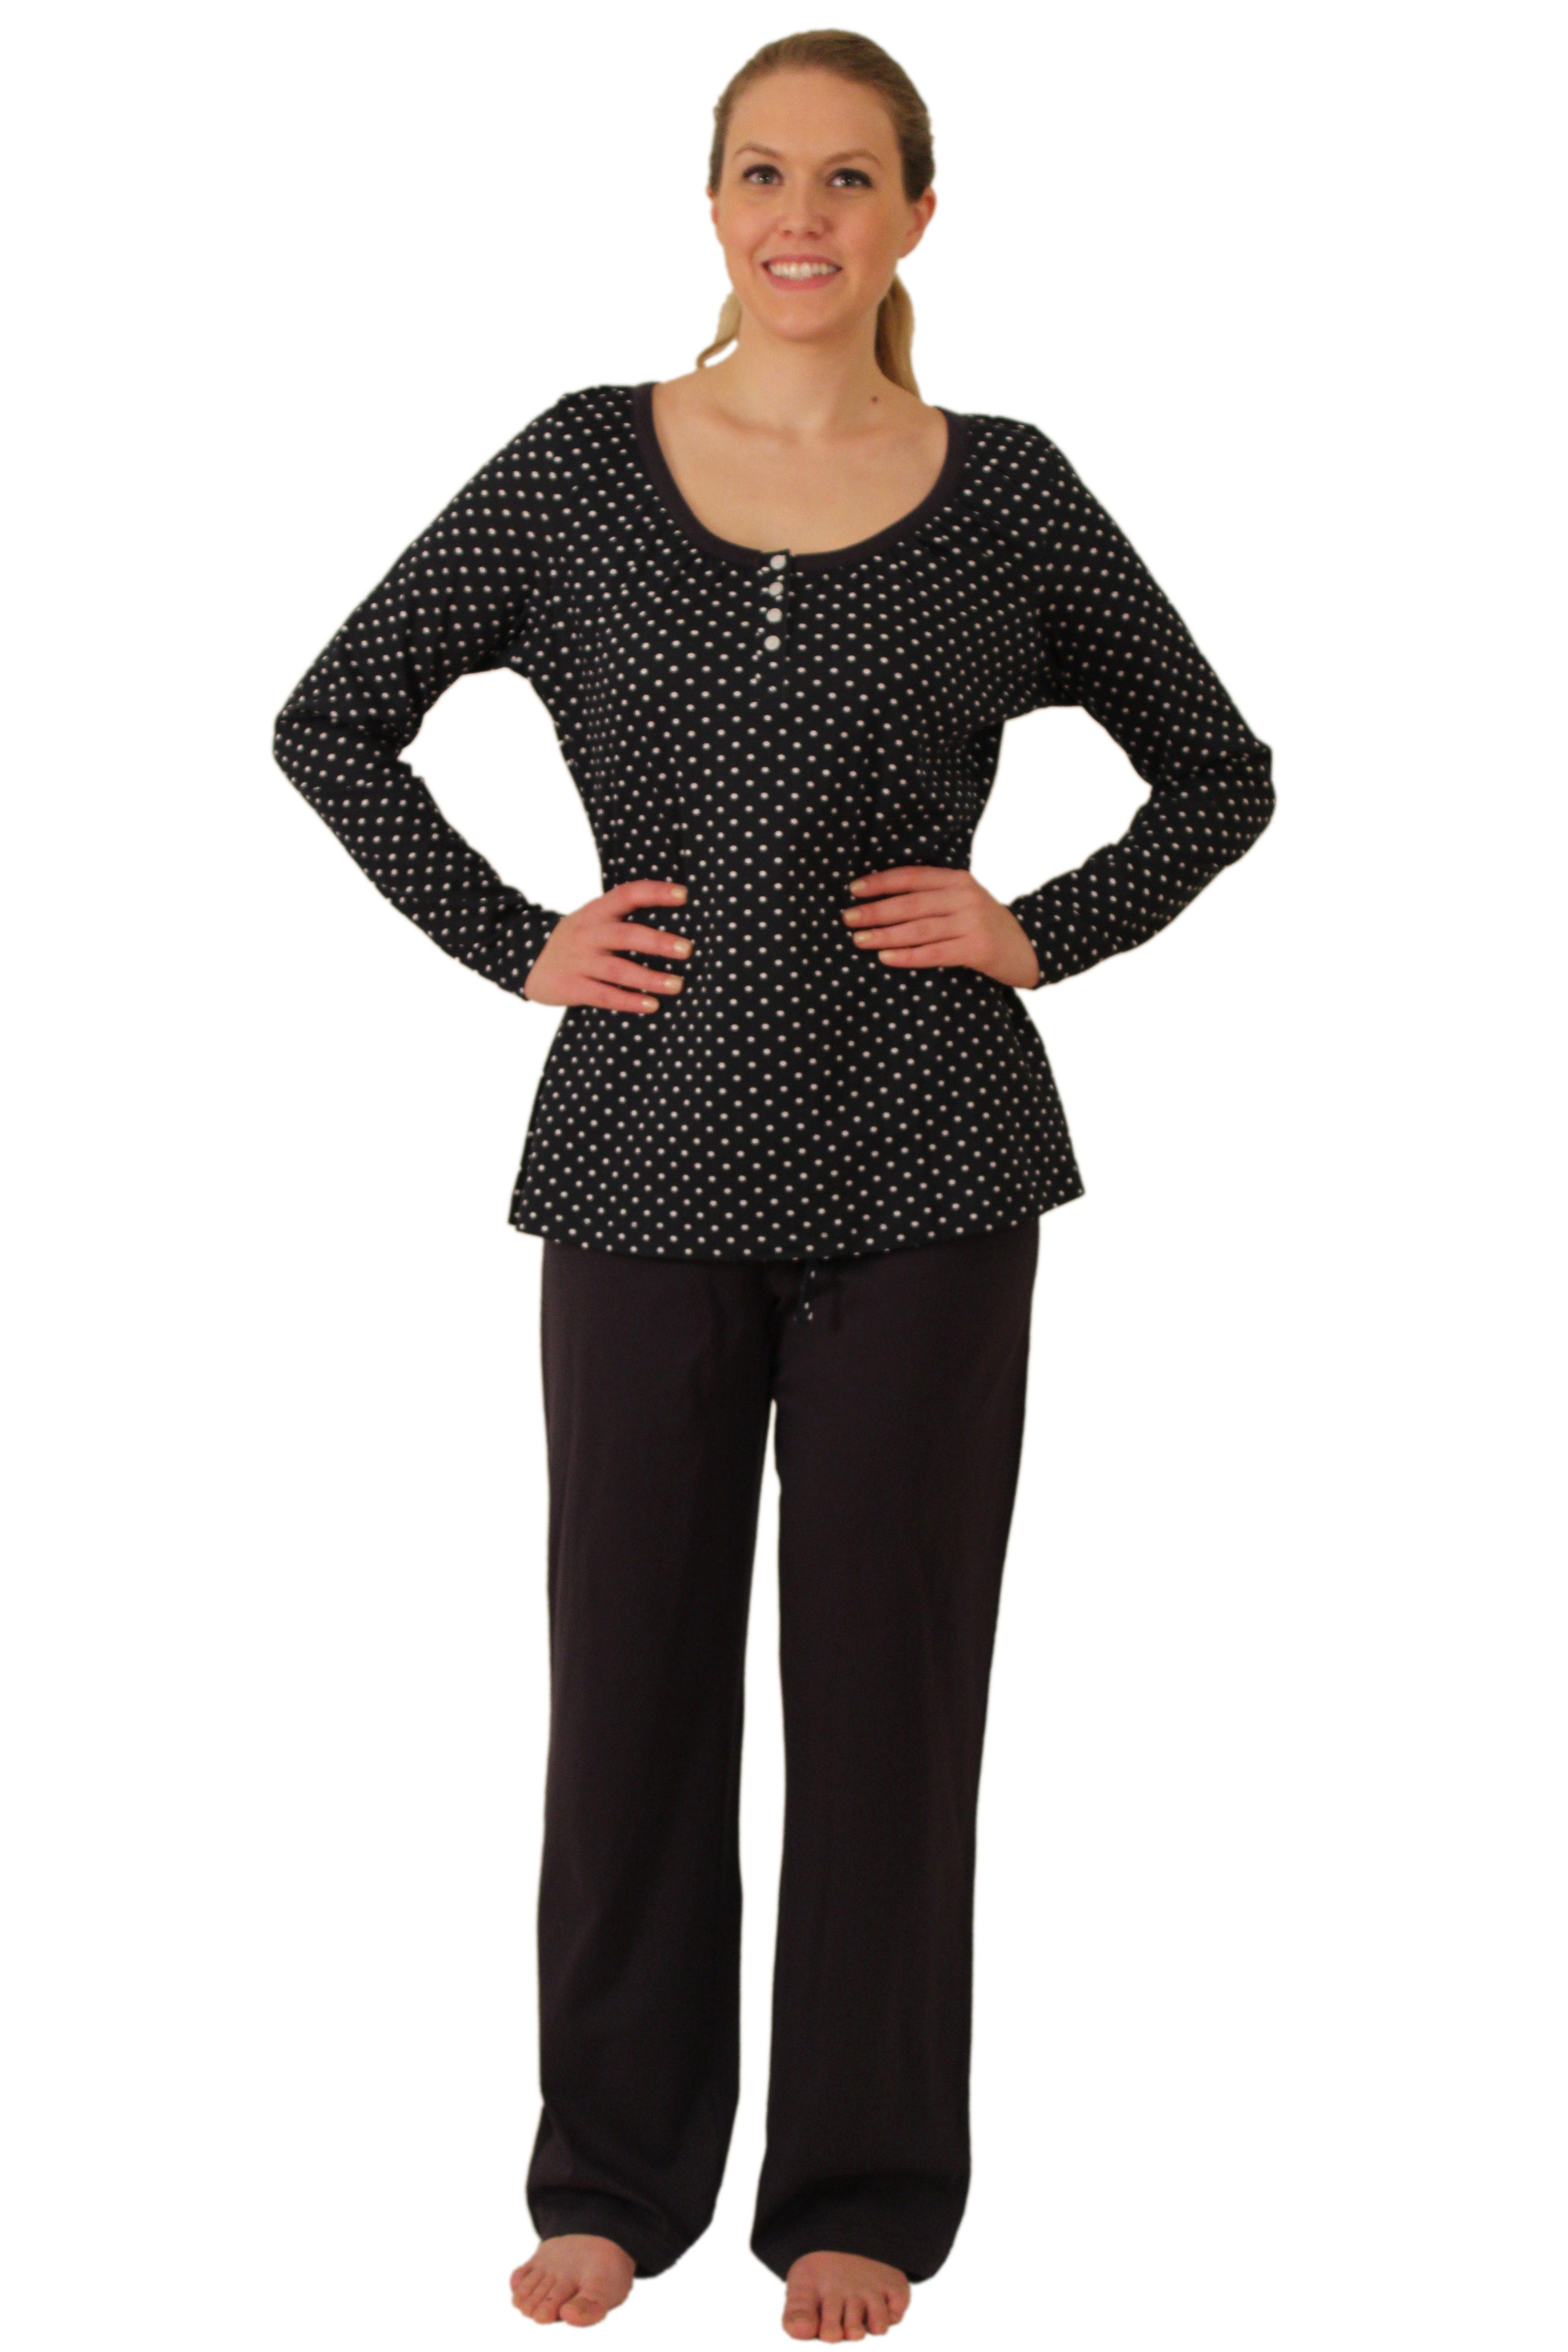 Apparelny Knit Women S Missy Pajama Set With Scoop Neck